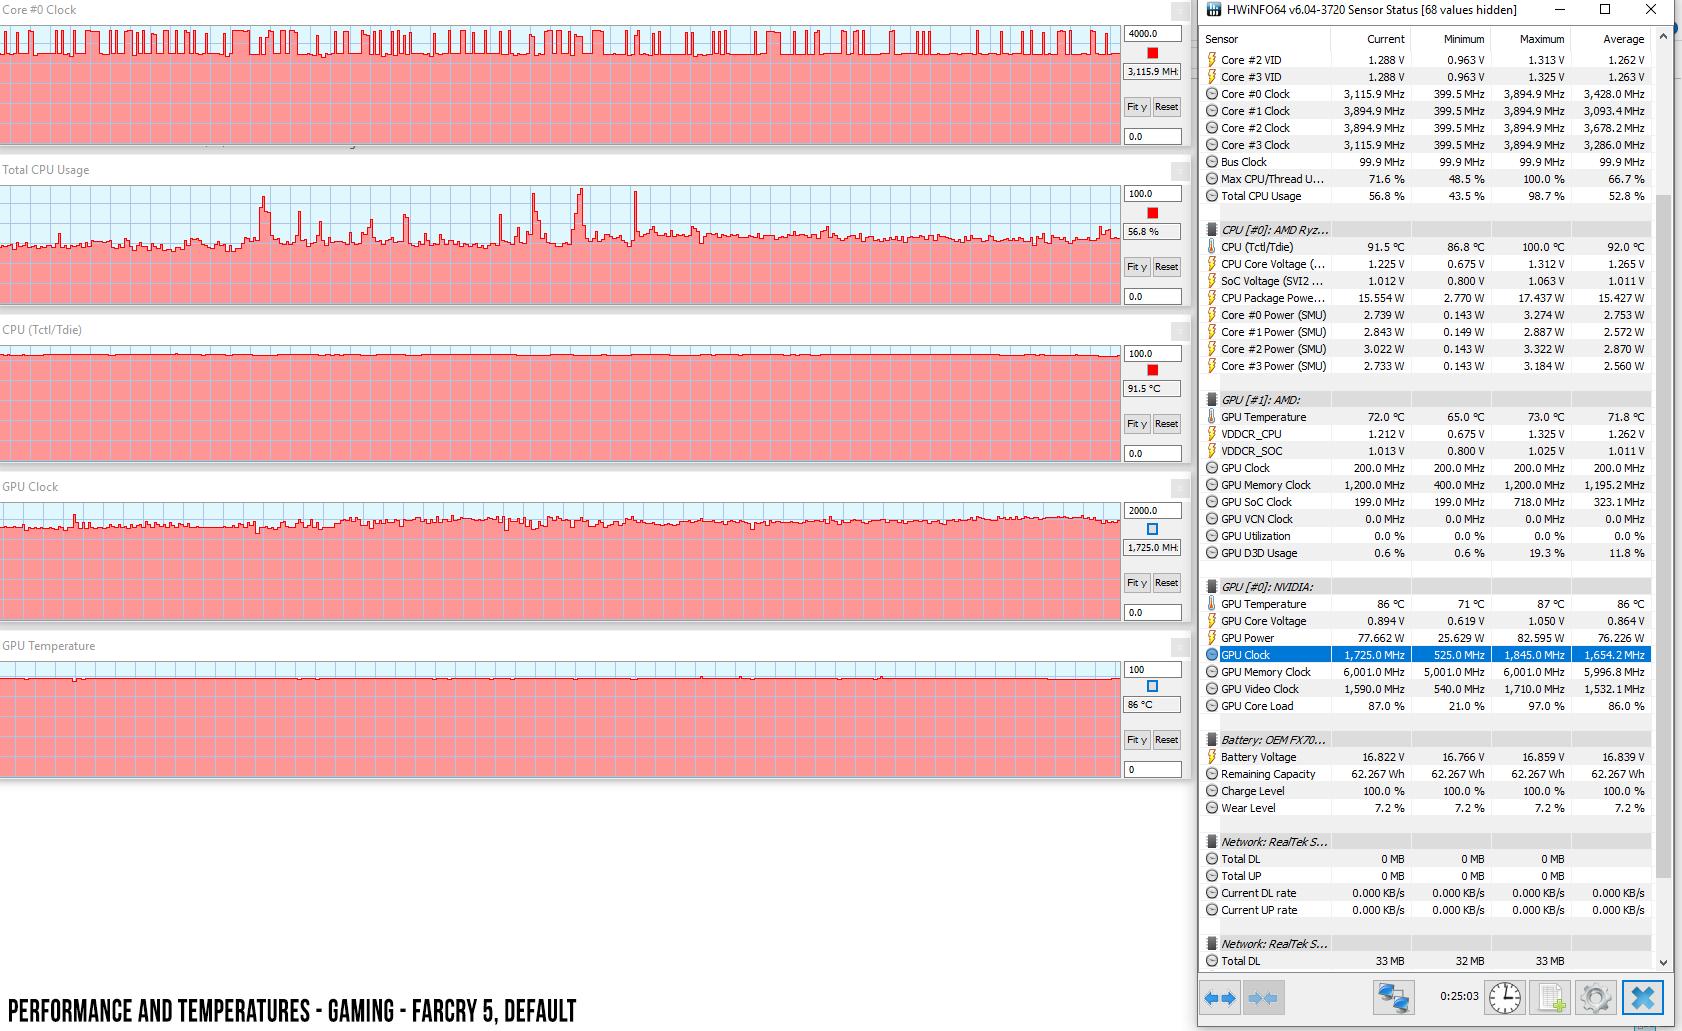 Asus TUF Gaming FX705DU review (Ryzen 7 3750H, GTX 1660Ti)